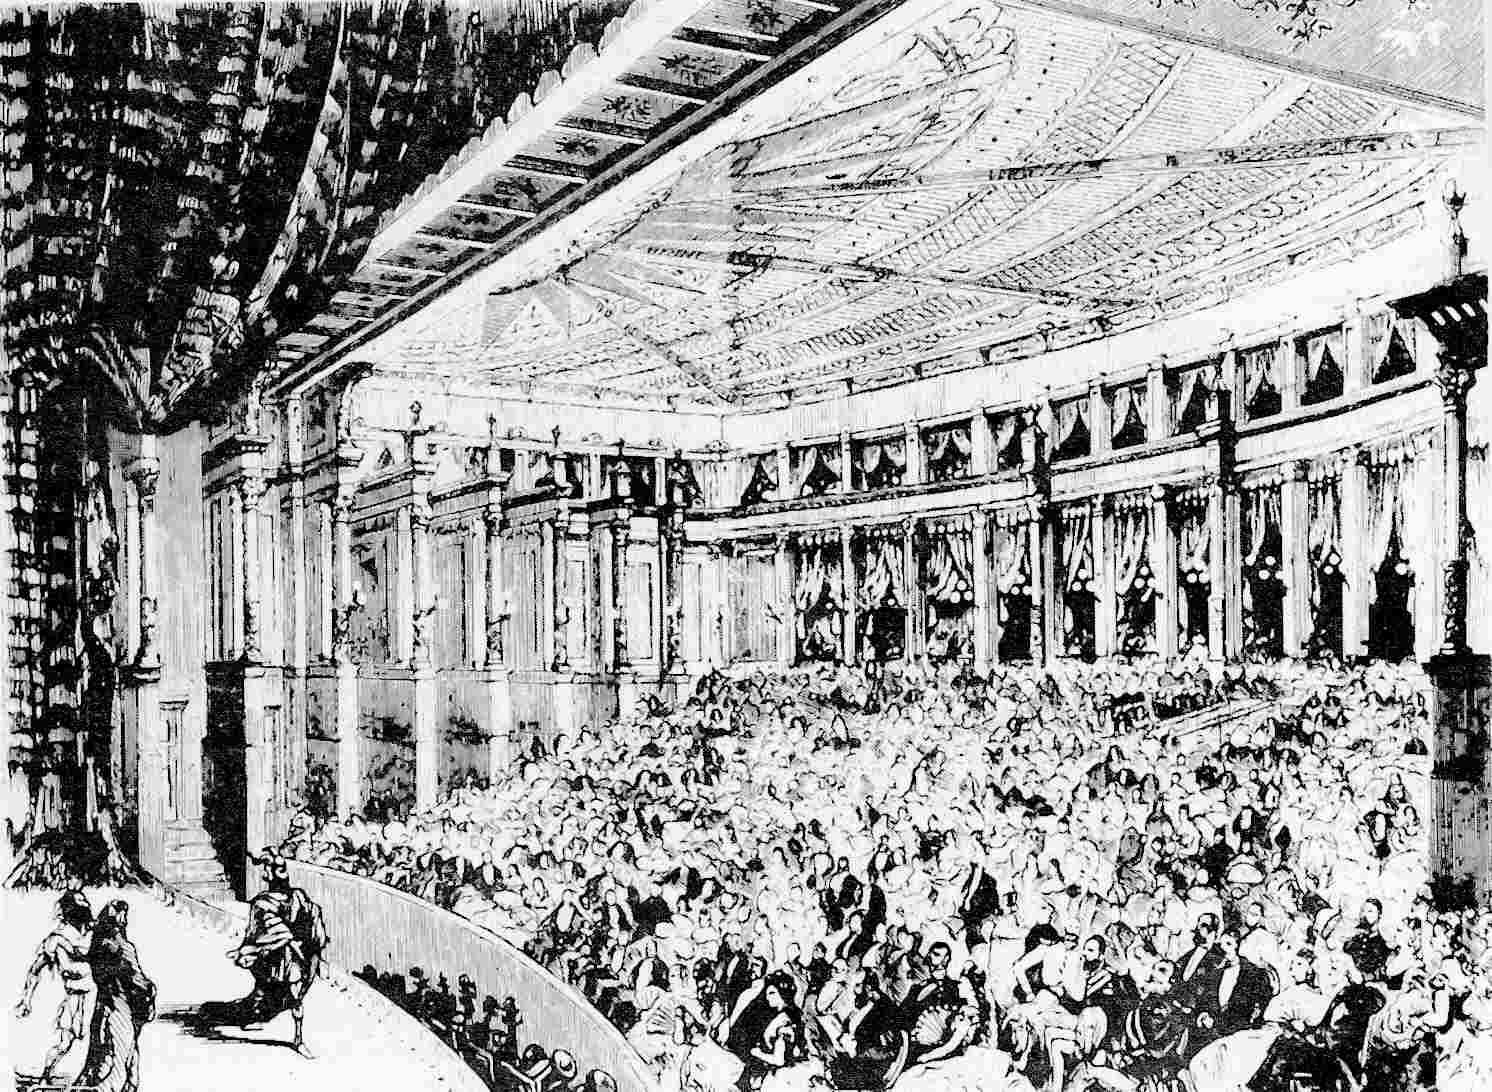 A Rajna kincse bemutatója bayreuthi Festspielhausban